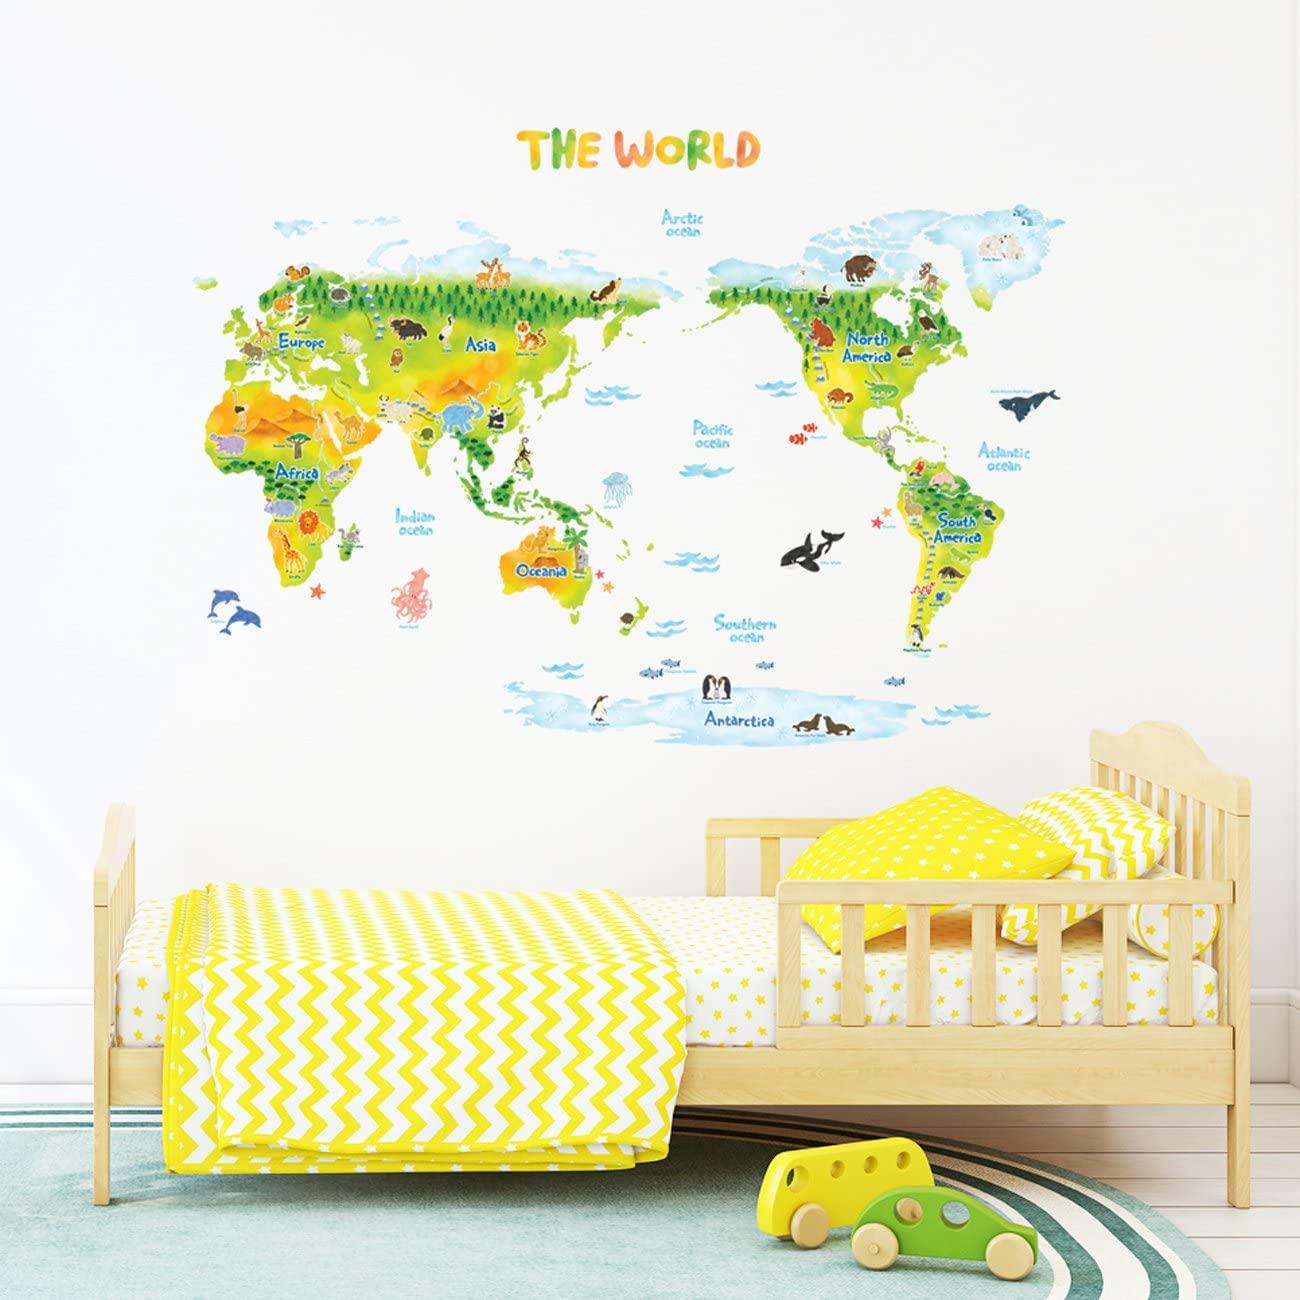 世界地図 ウォール ステッカー 動物イラスト イメージ